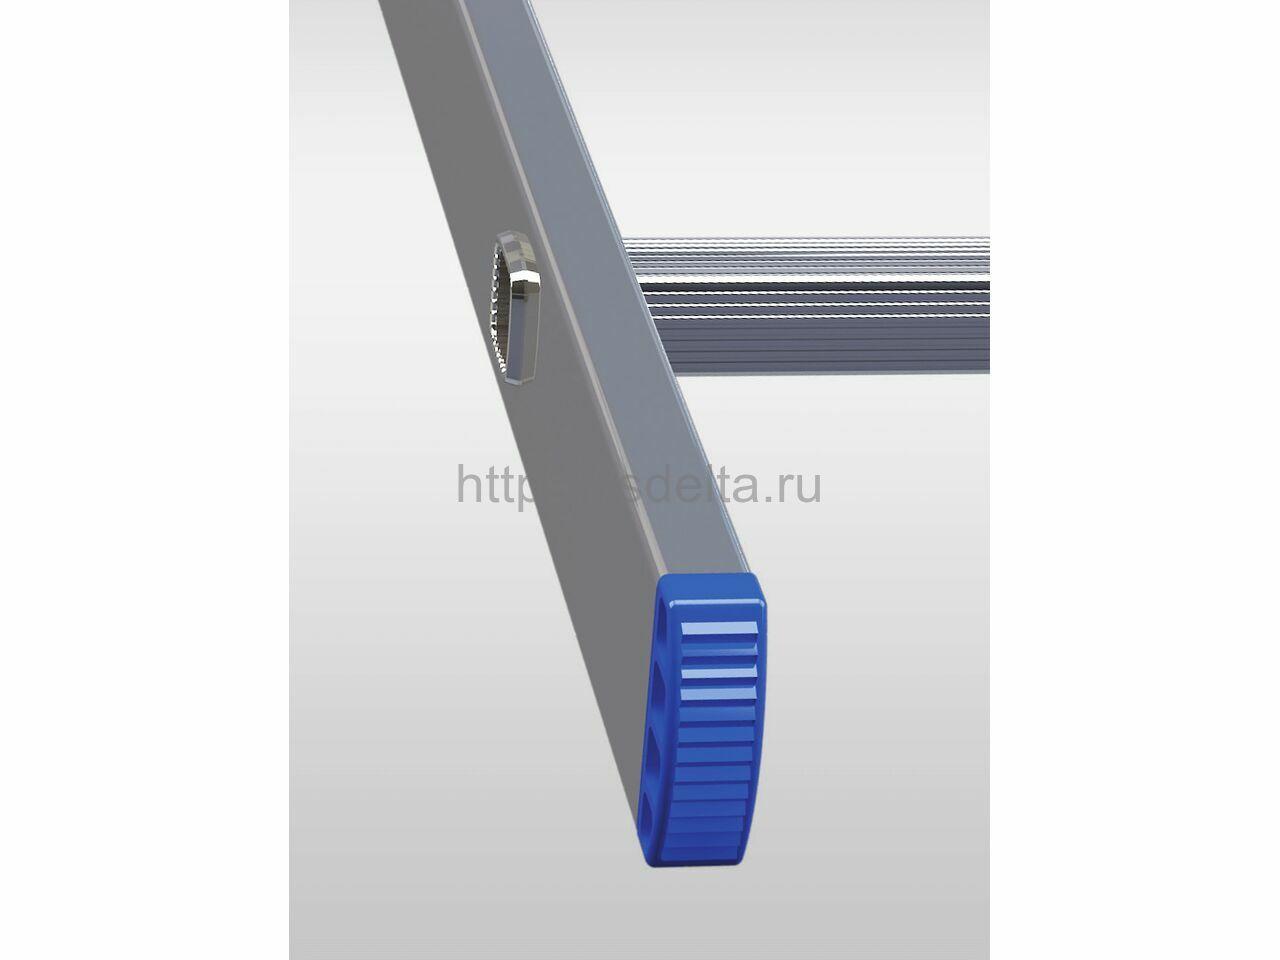 Односекционная алюминиевая лестница ELKOP VHR 1x7 HK